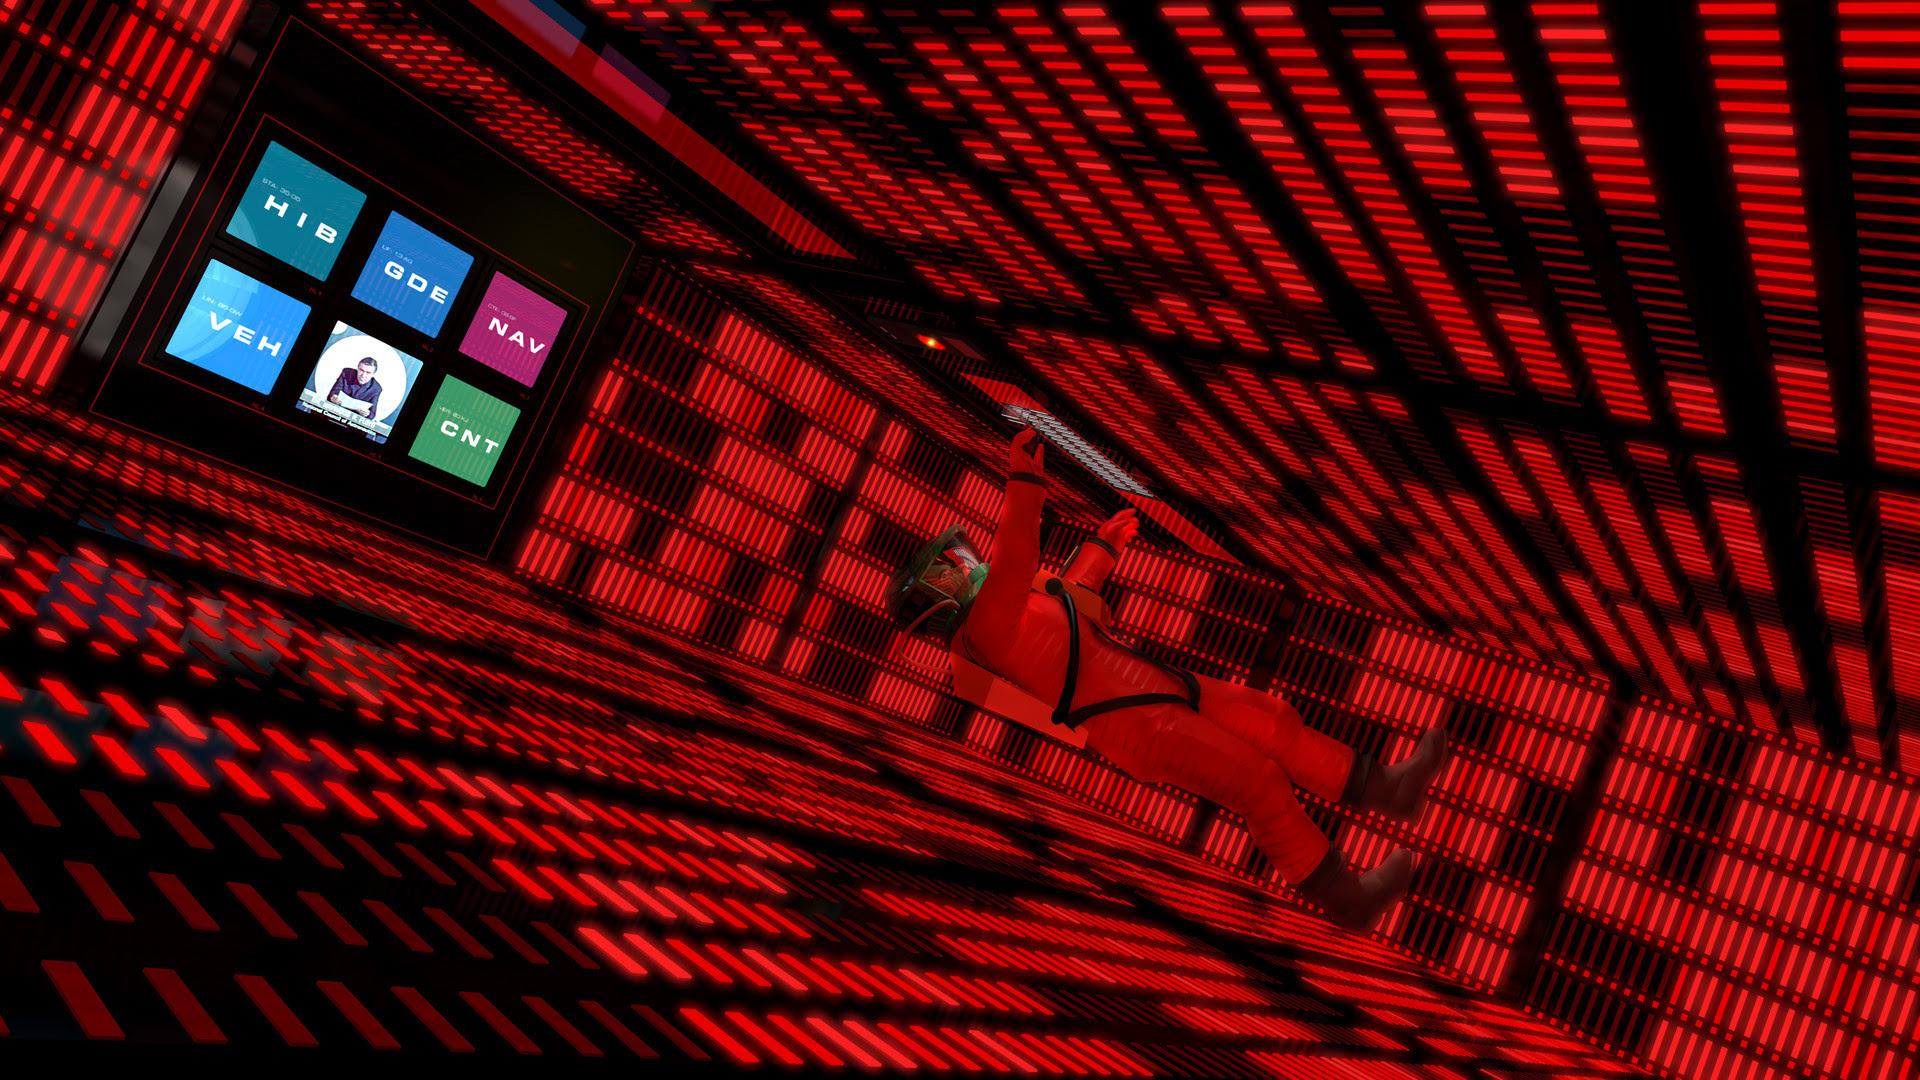 Hal 9000 Wallpaper 73 Images